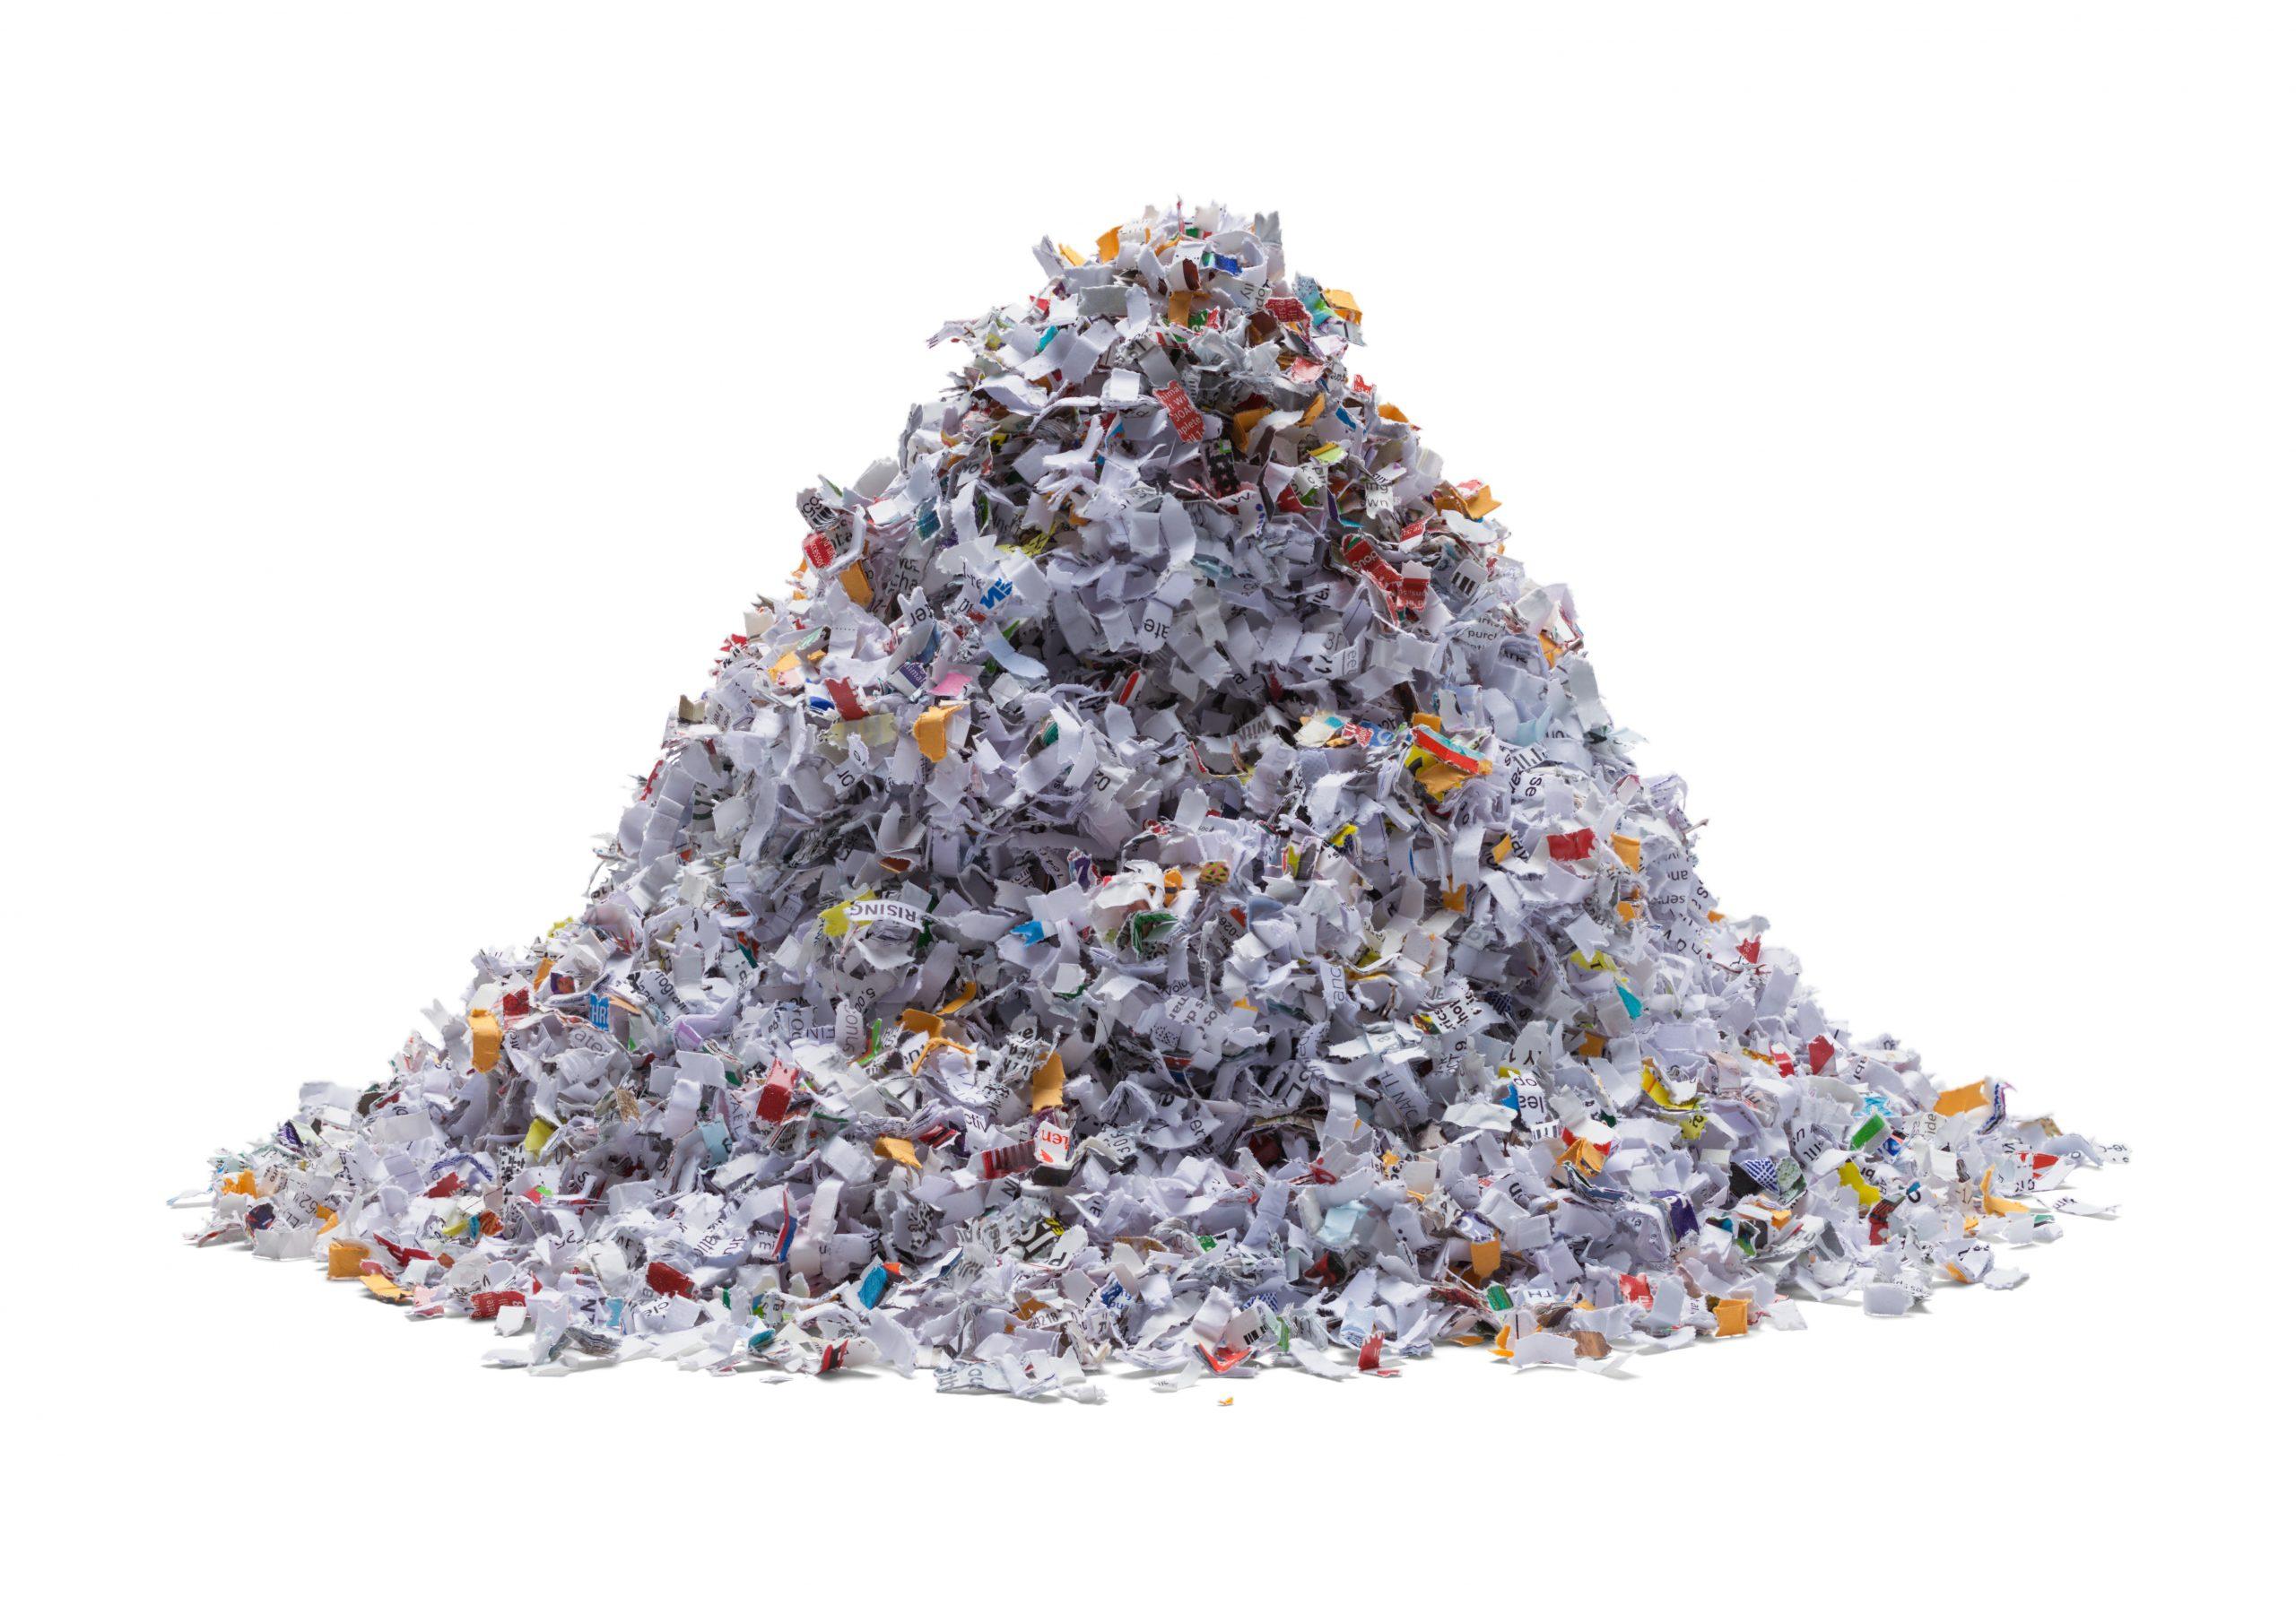 Shredded Paper Pile